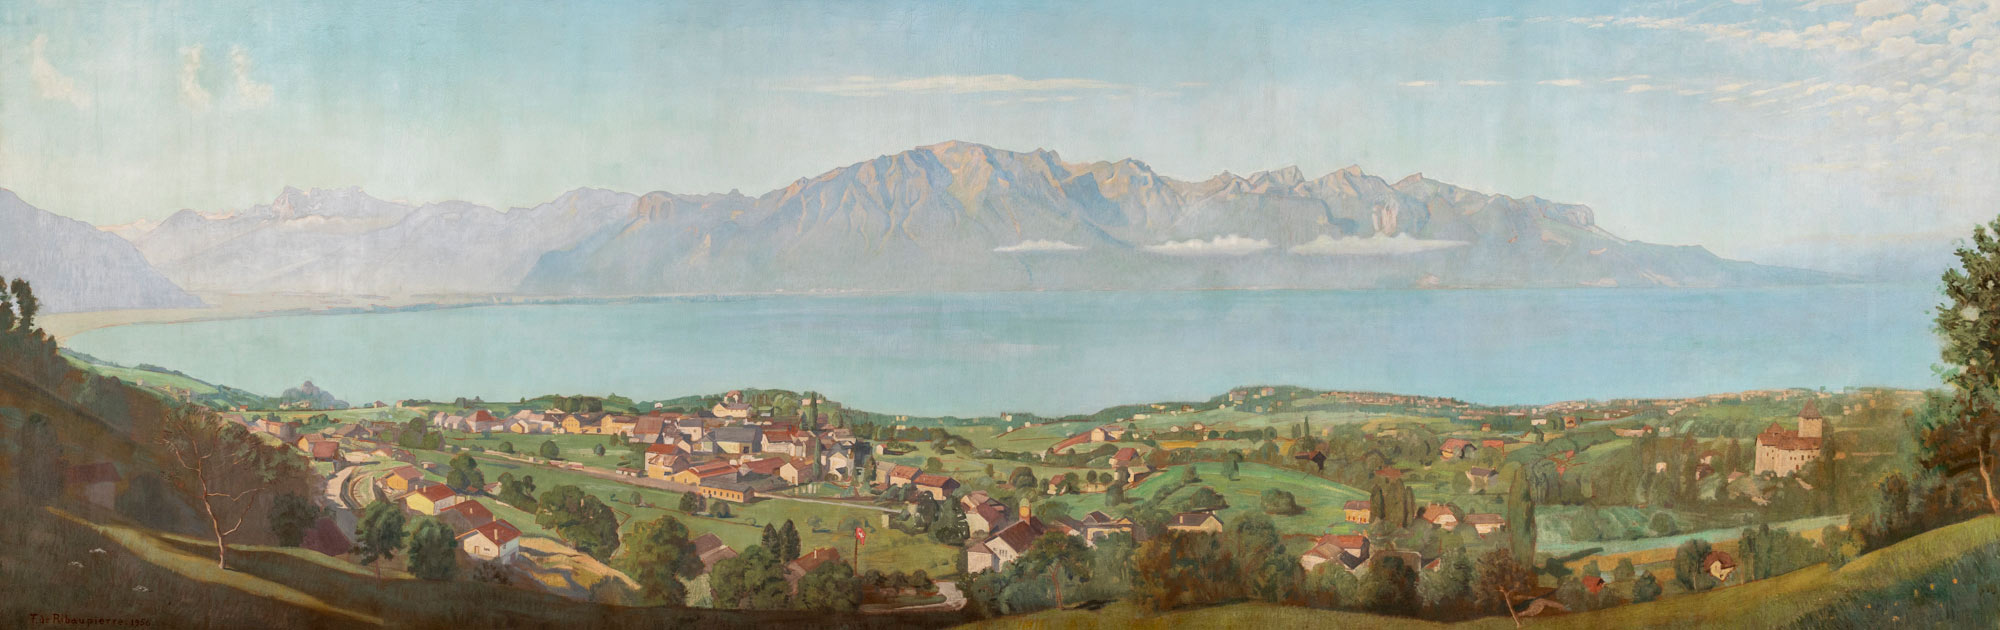 """François de Ribaupierre (1886 - 1981), """"Panorama du Léman"""", huile sur toile 177 x 547cm, 1956. Hall du bâtiment central de la gare de Vevey"""